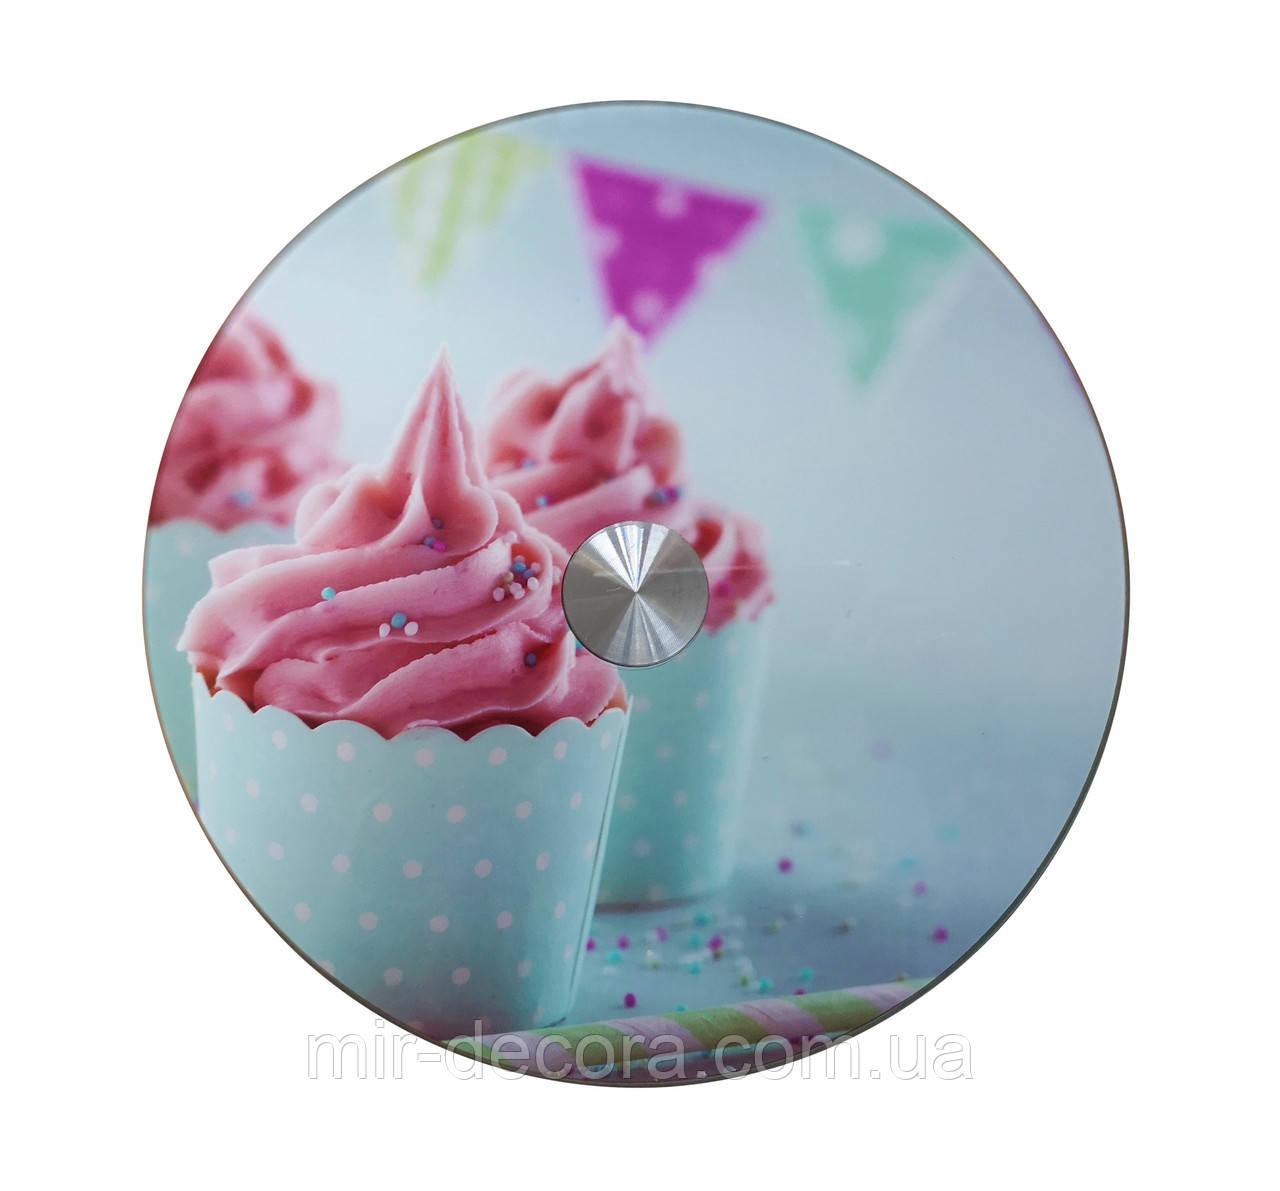 Подставка поворотная для десертов 30 см стекло